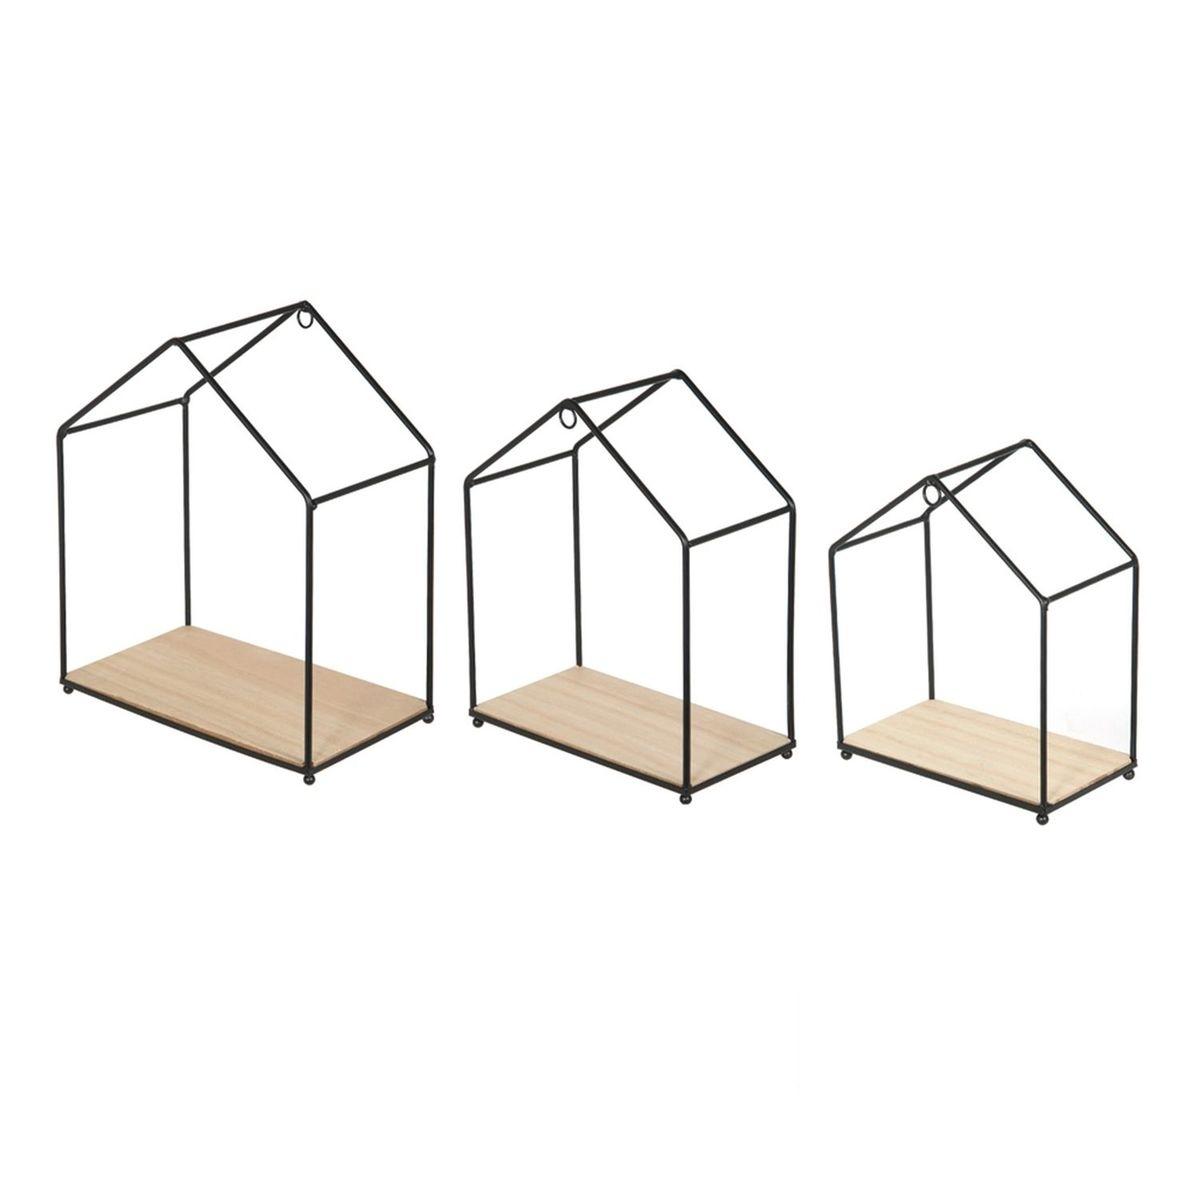 3 Etagères filaires Maison - Bois métal